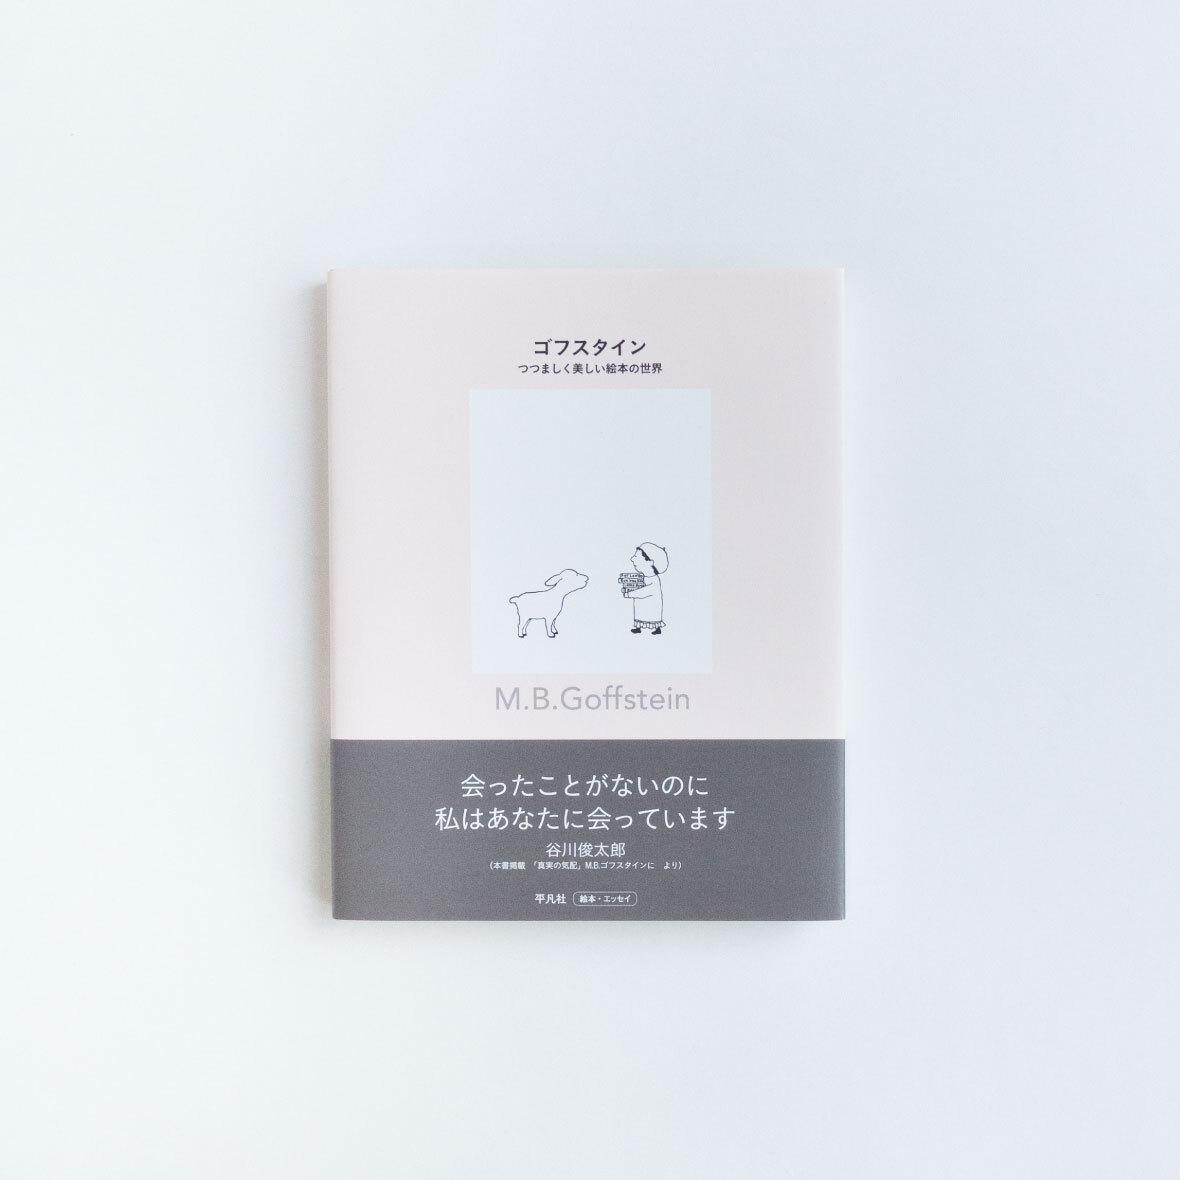 【TK】ゴフスタイン つつましく美しい絵本の世界